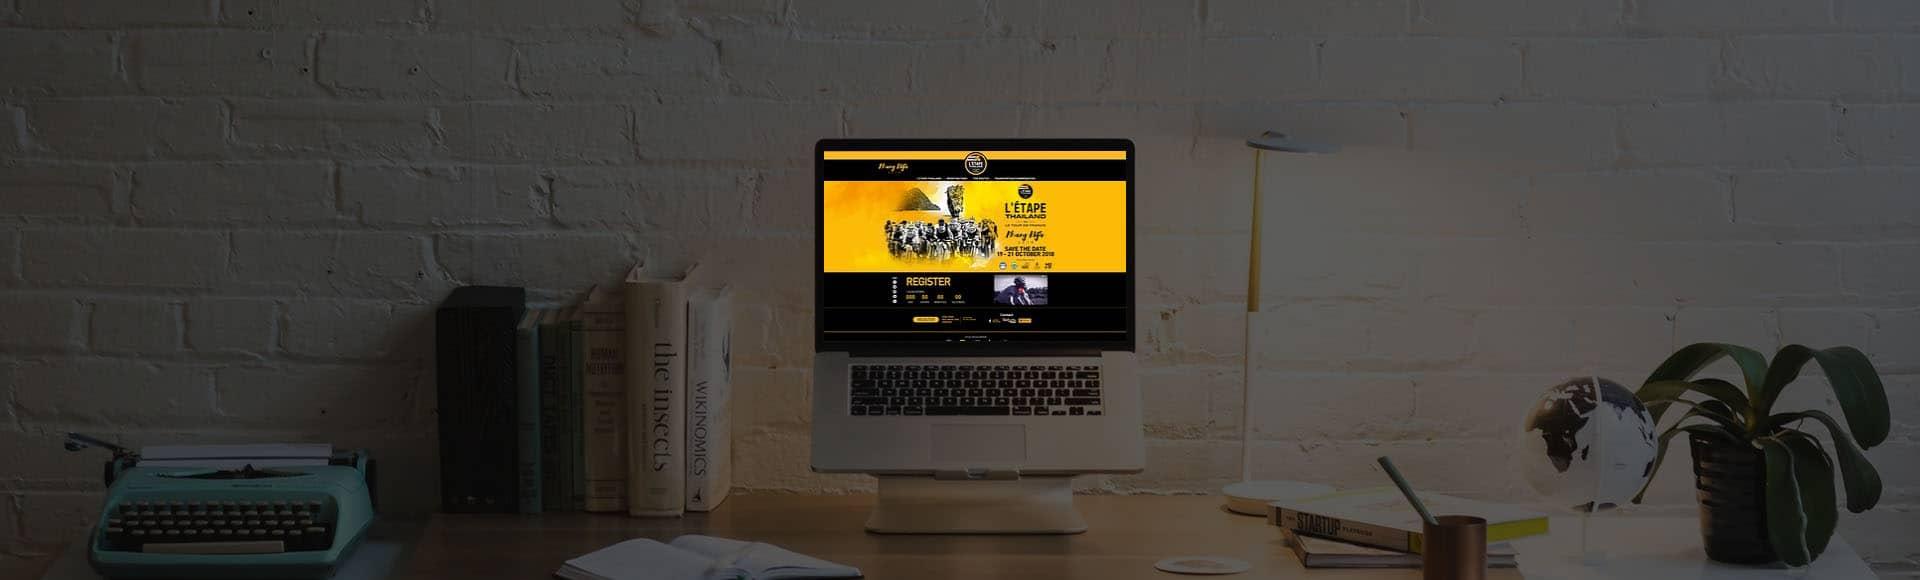 ผลงานทำเว็บไซต์กีฬาจักรยาน | บริการรับทำเว็บไซต์ ออกแบบเว็บไซต์